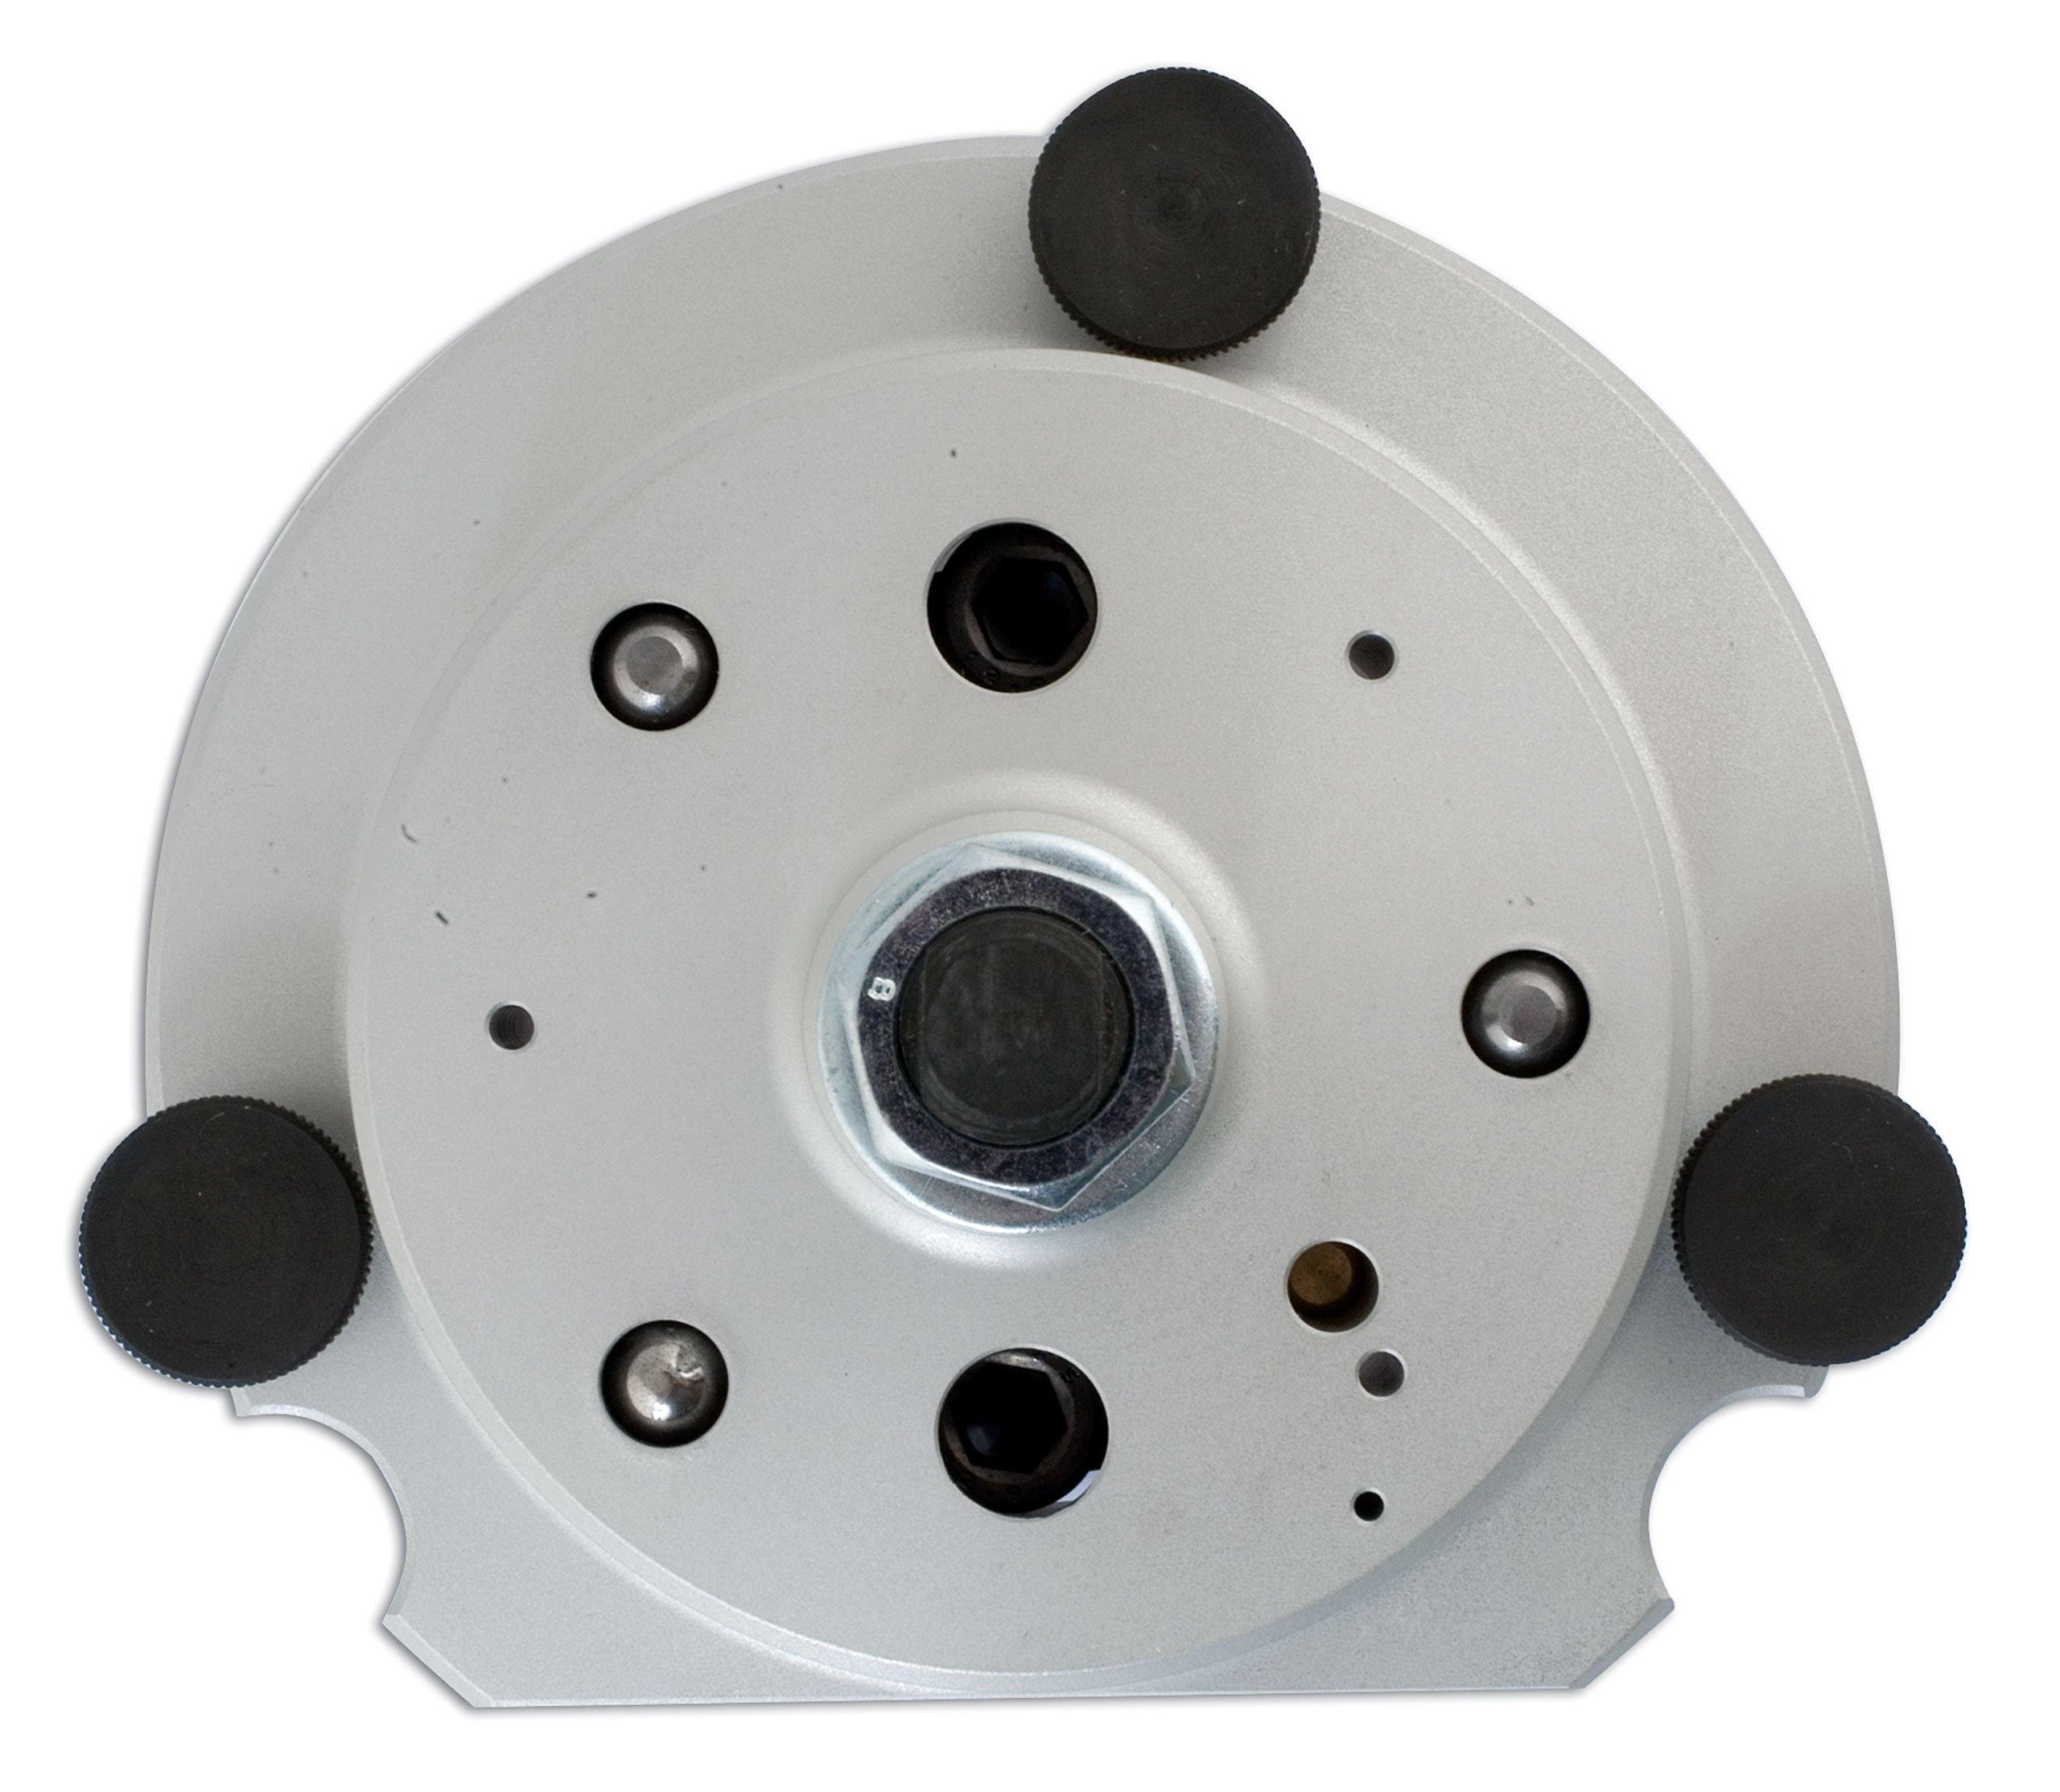 Laser - 4795 Crankshaft Seal Installing Tool VAG 1.4 1.6 16V by Laser (Image #3)